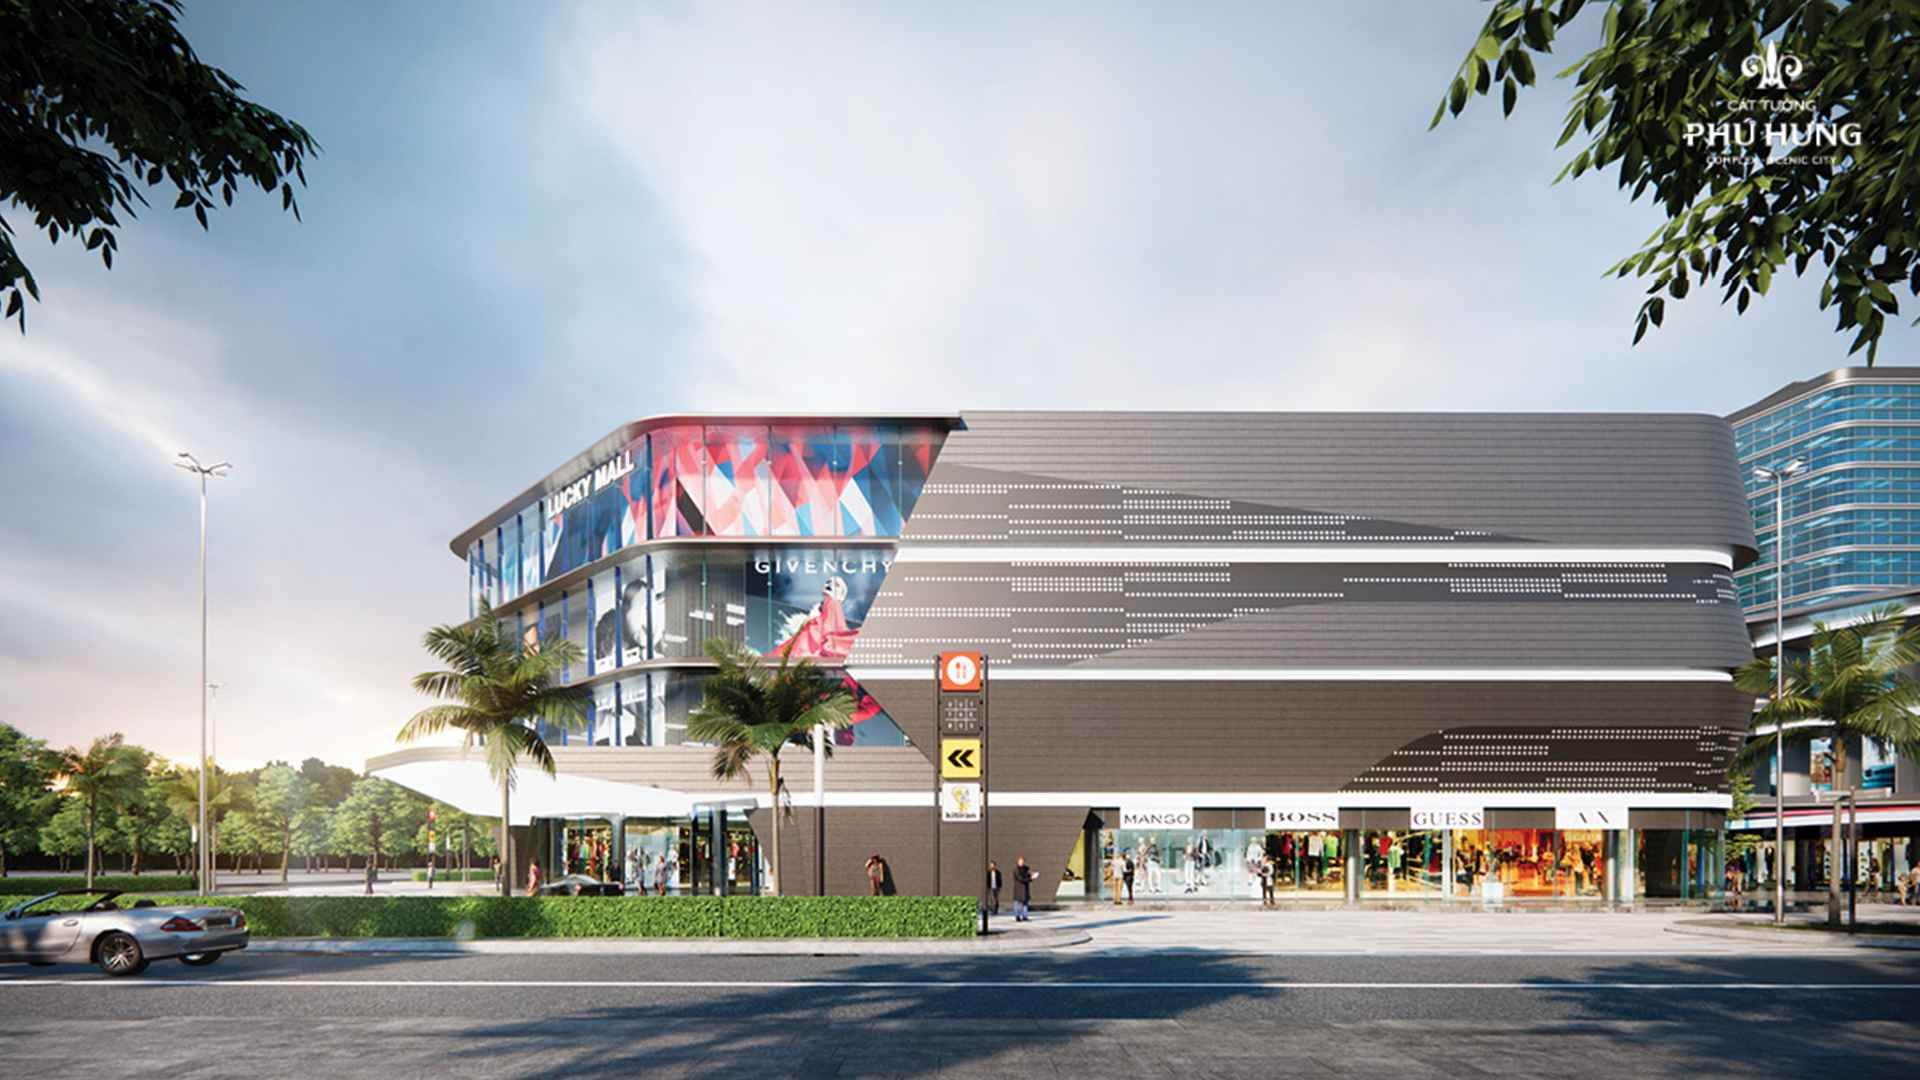 Trung tâm thương mại Lucky Mall quy mô 2,8ha